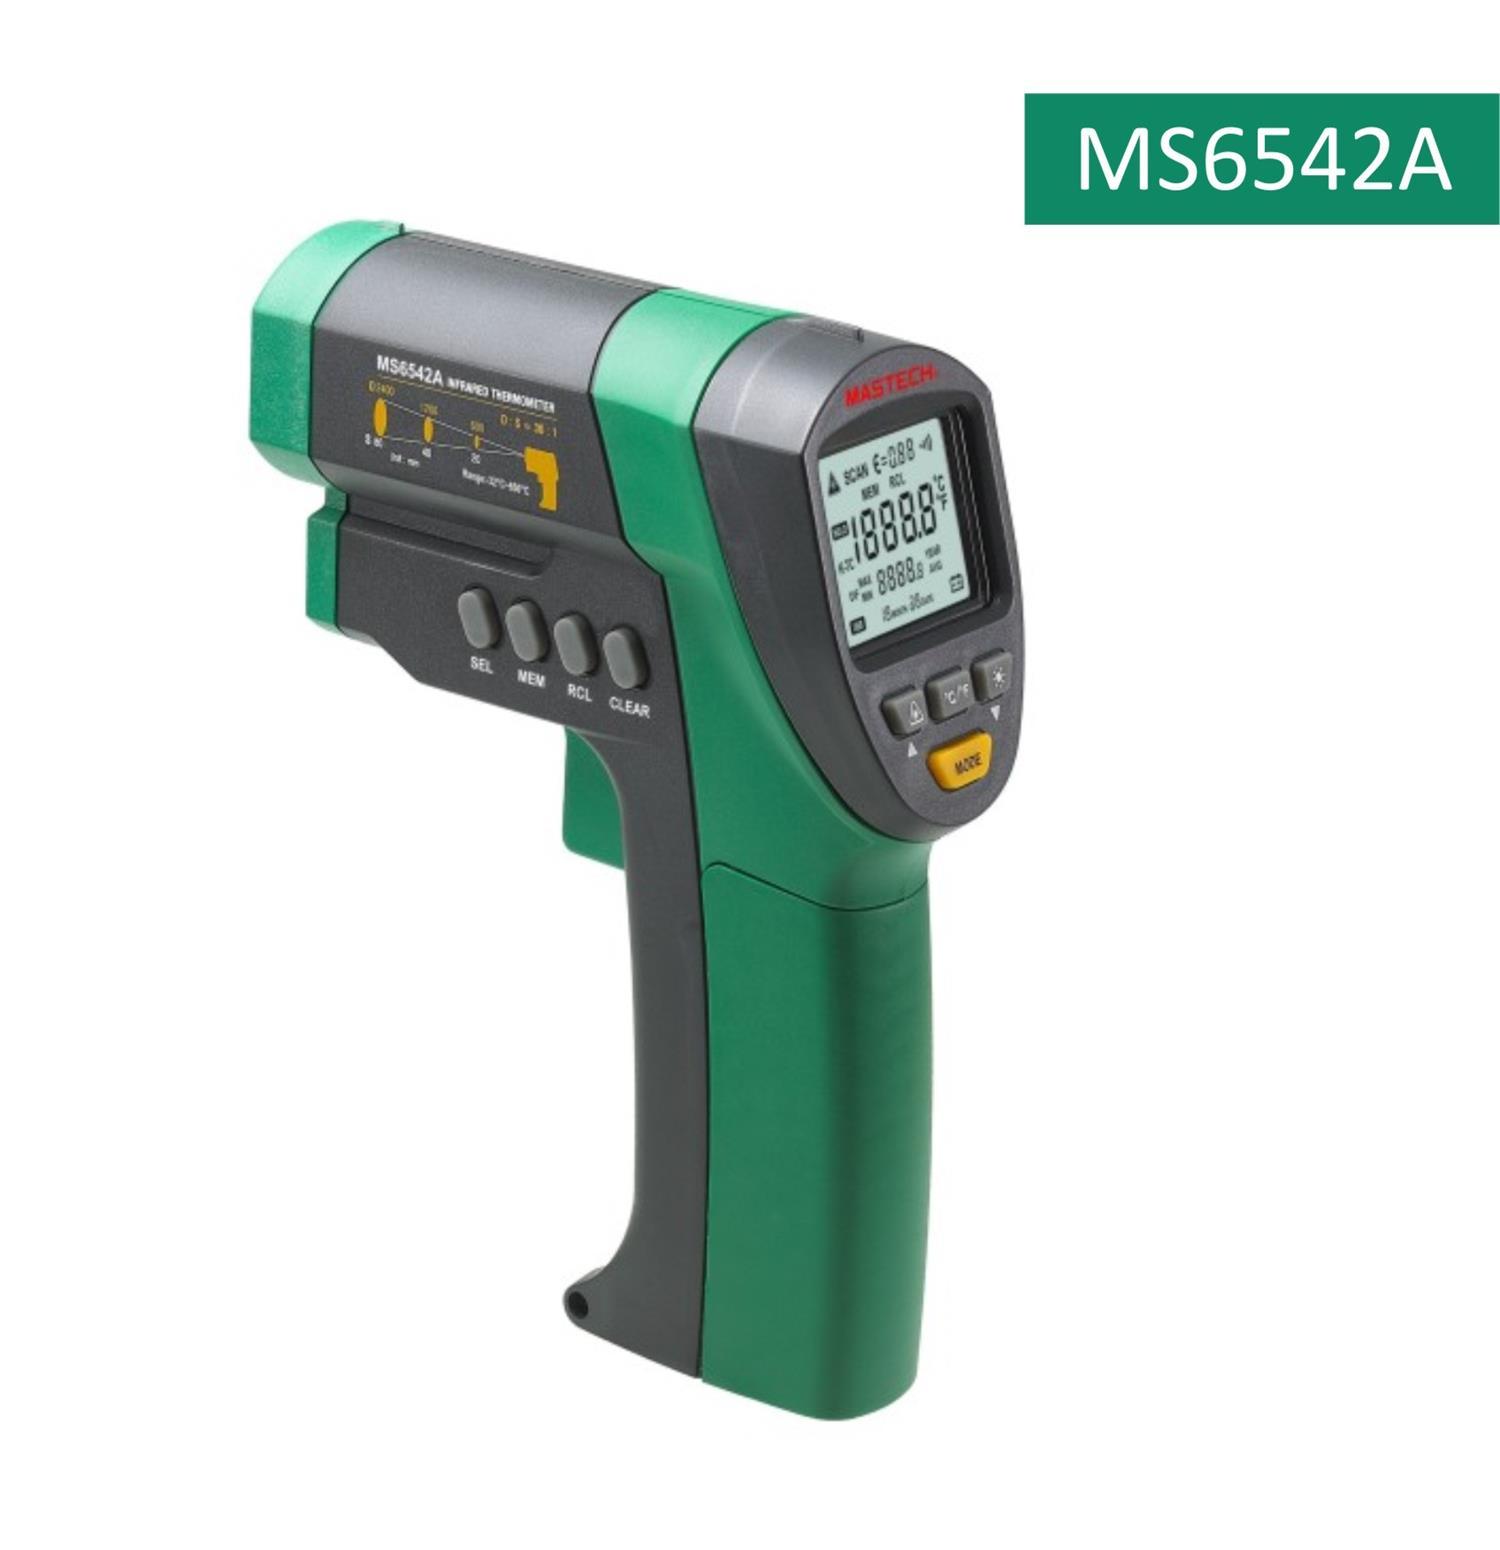 MS6542A